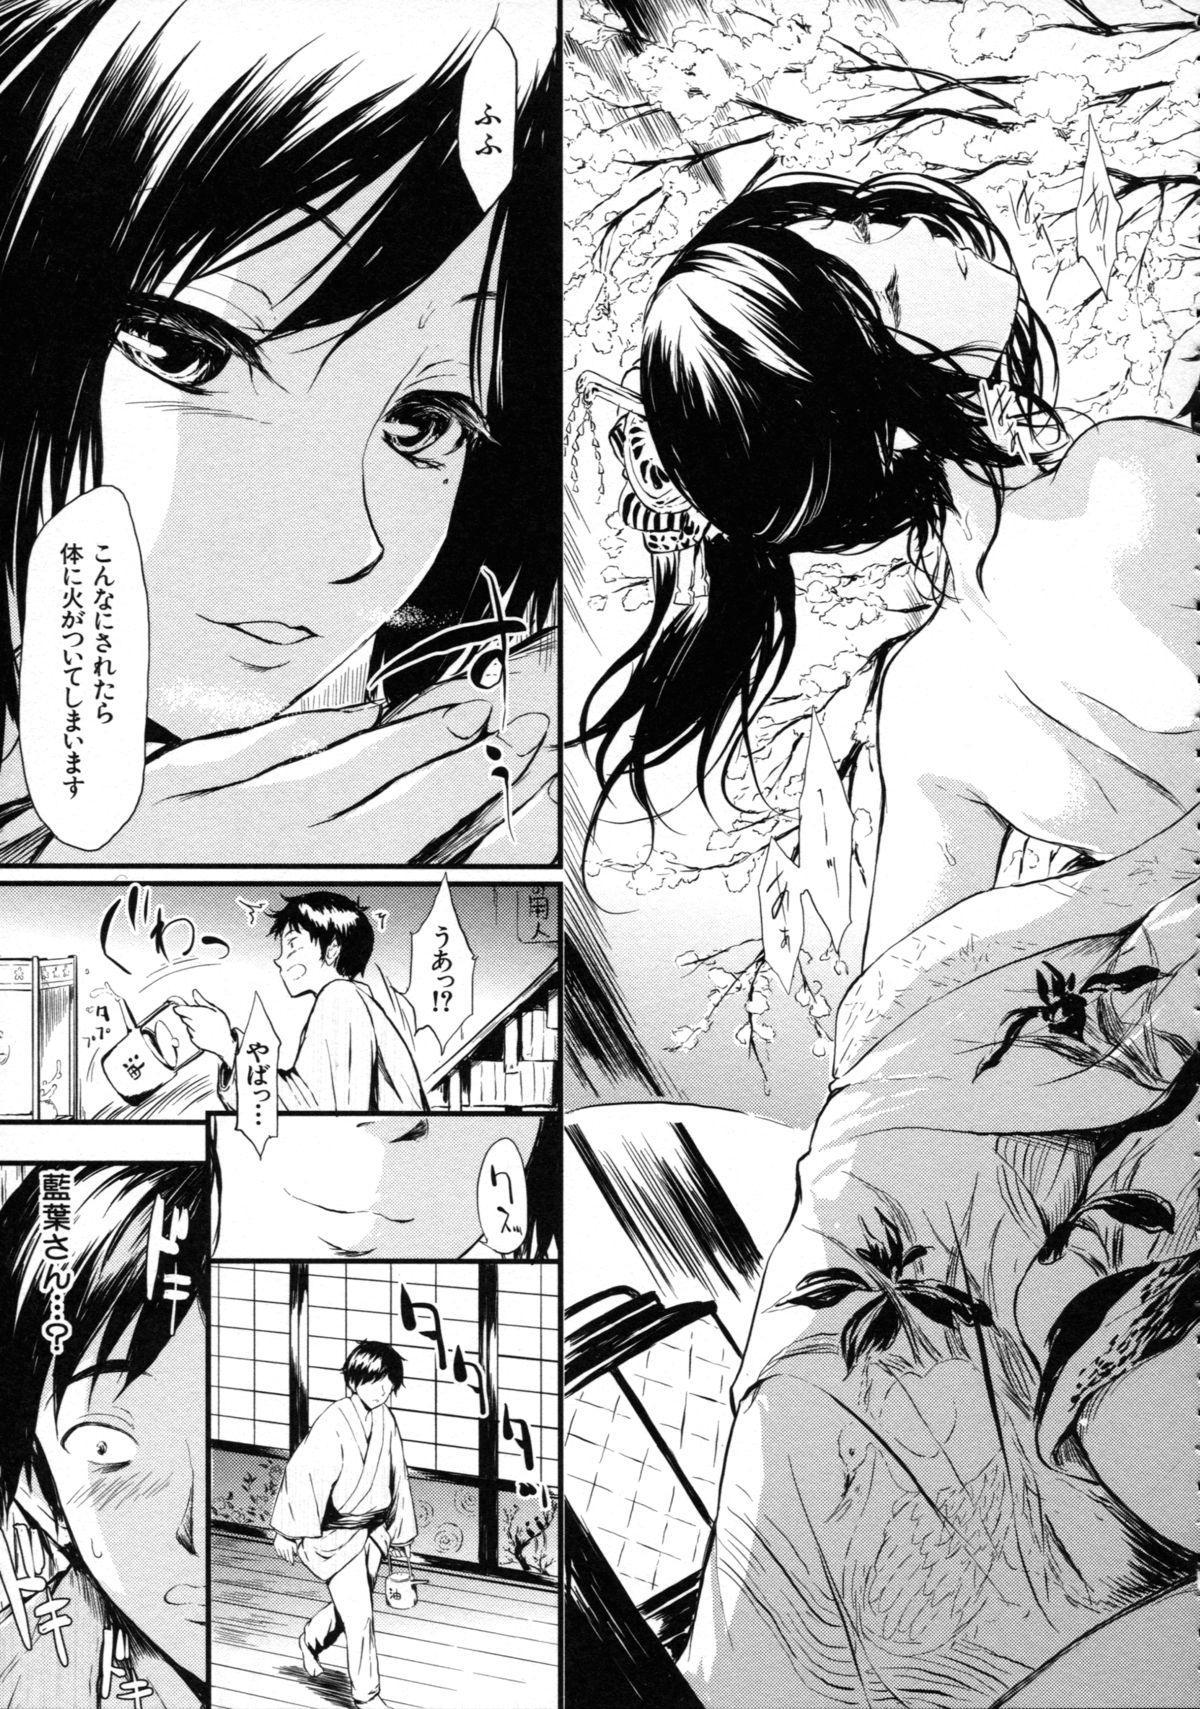 [Shiki Takuto] Tokoharu no Shoujo-tachi - The Girls in the Eternal Spring 25